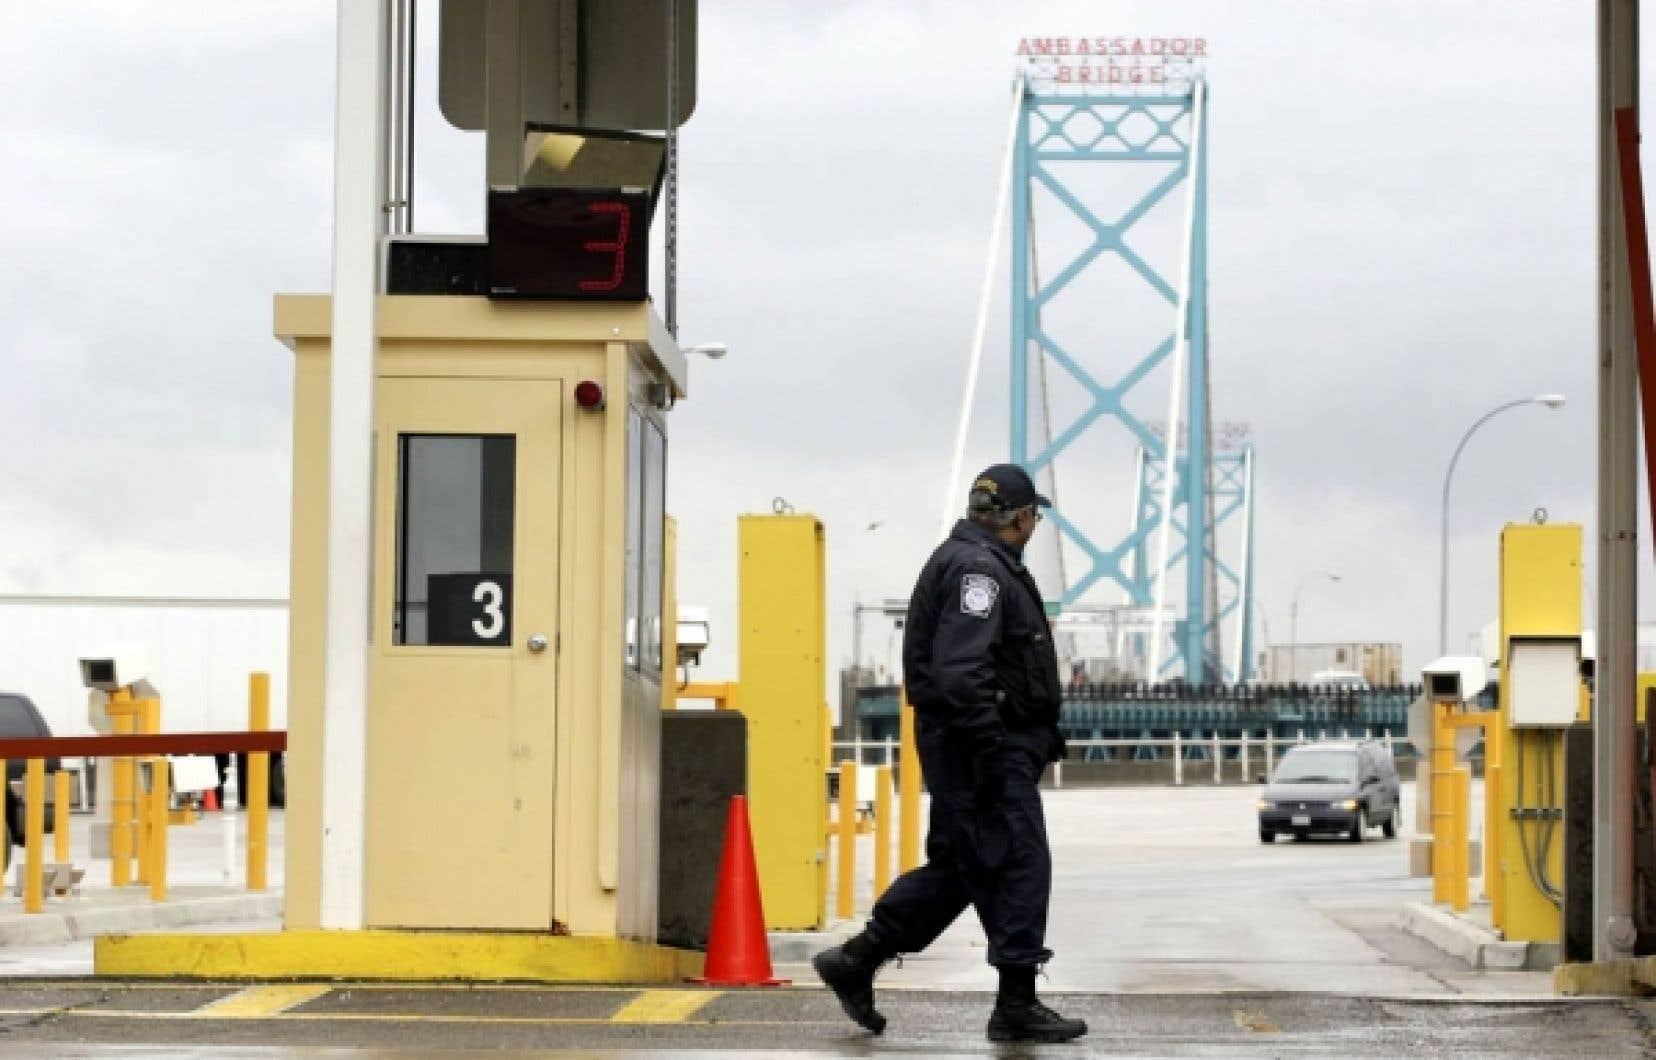 Le pont Ambassadeur, qui relie les villes de Detroit et de Windsor, est le principal lien routier entre les États-Unis et le Canada.<br />